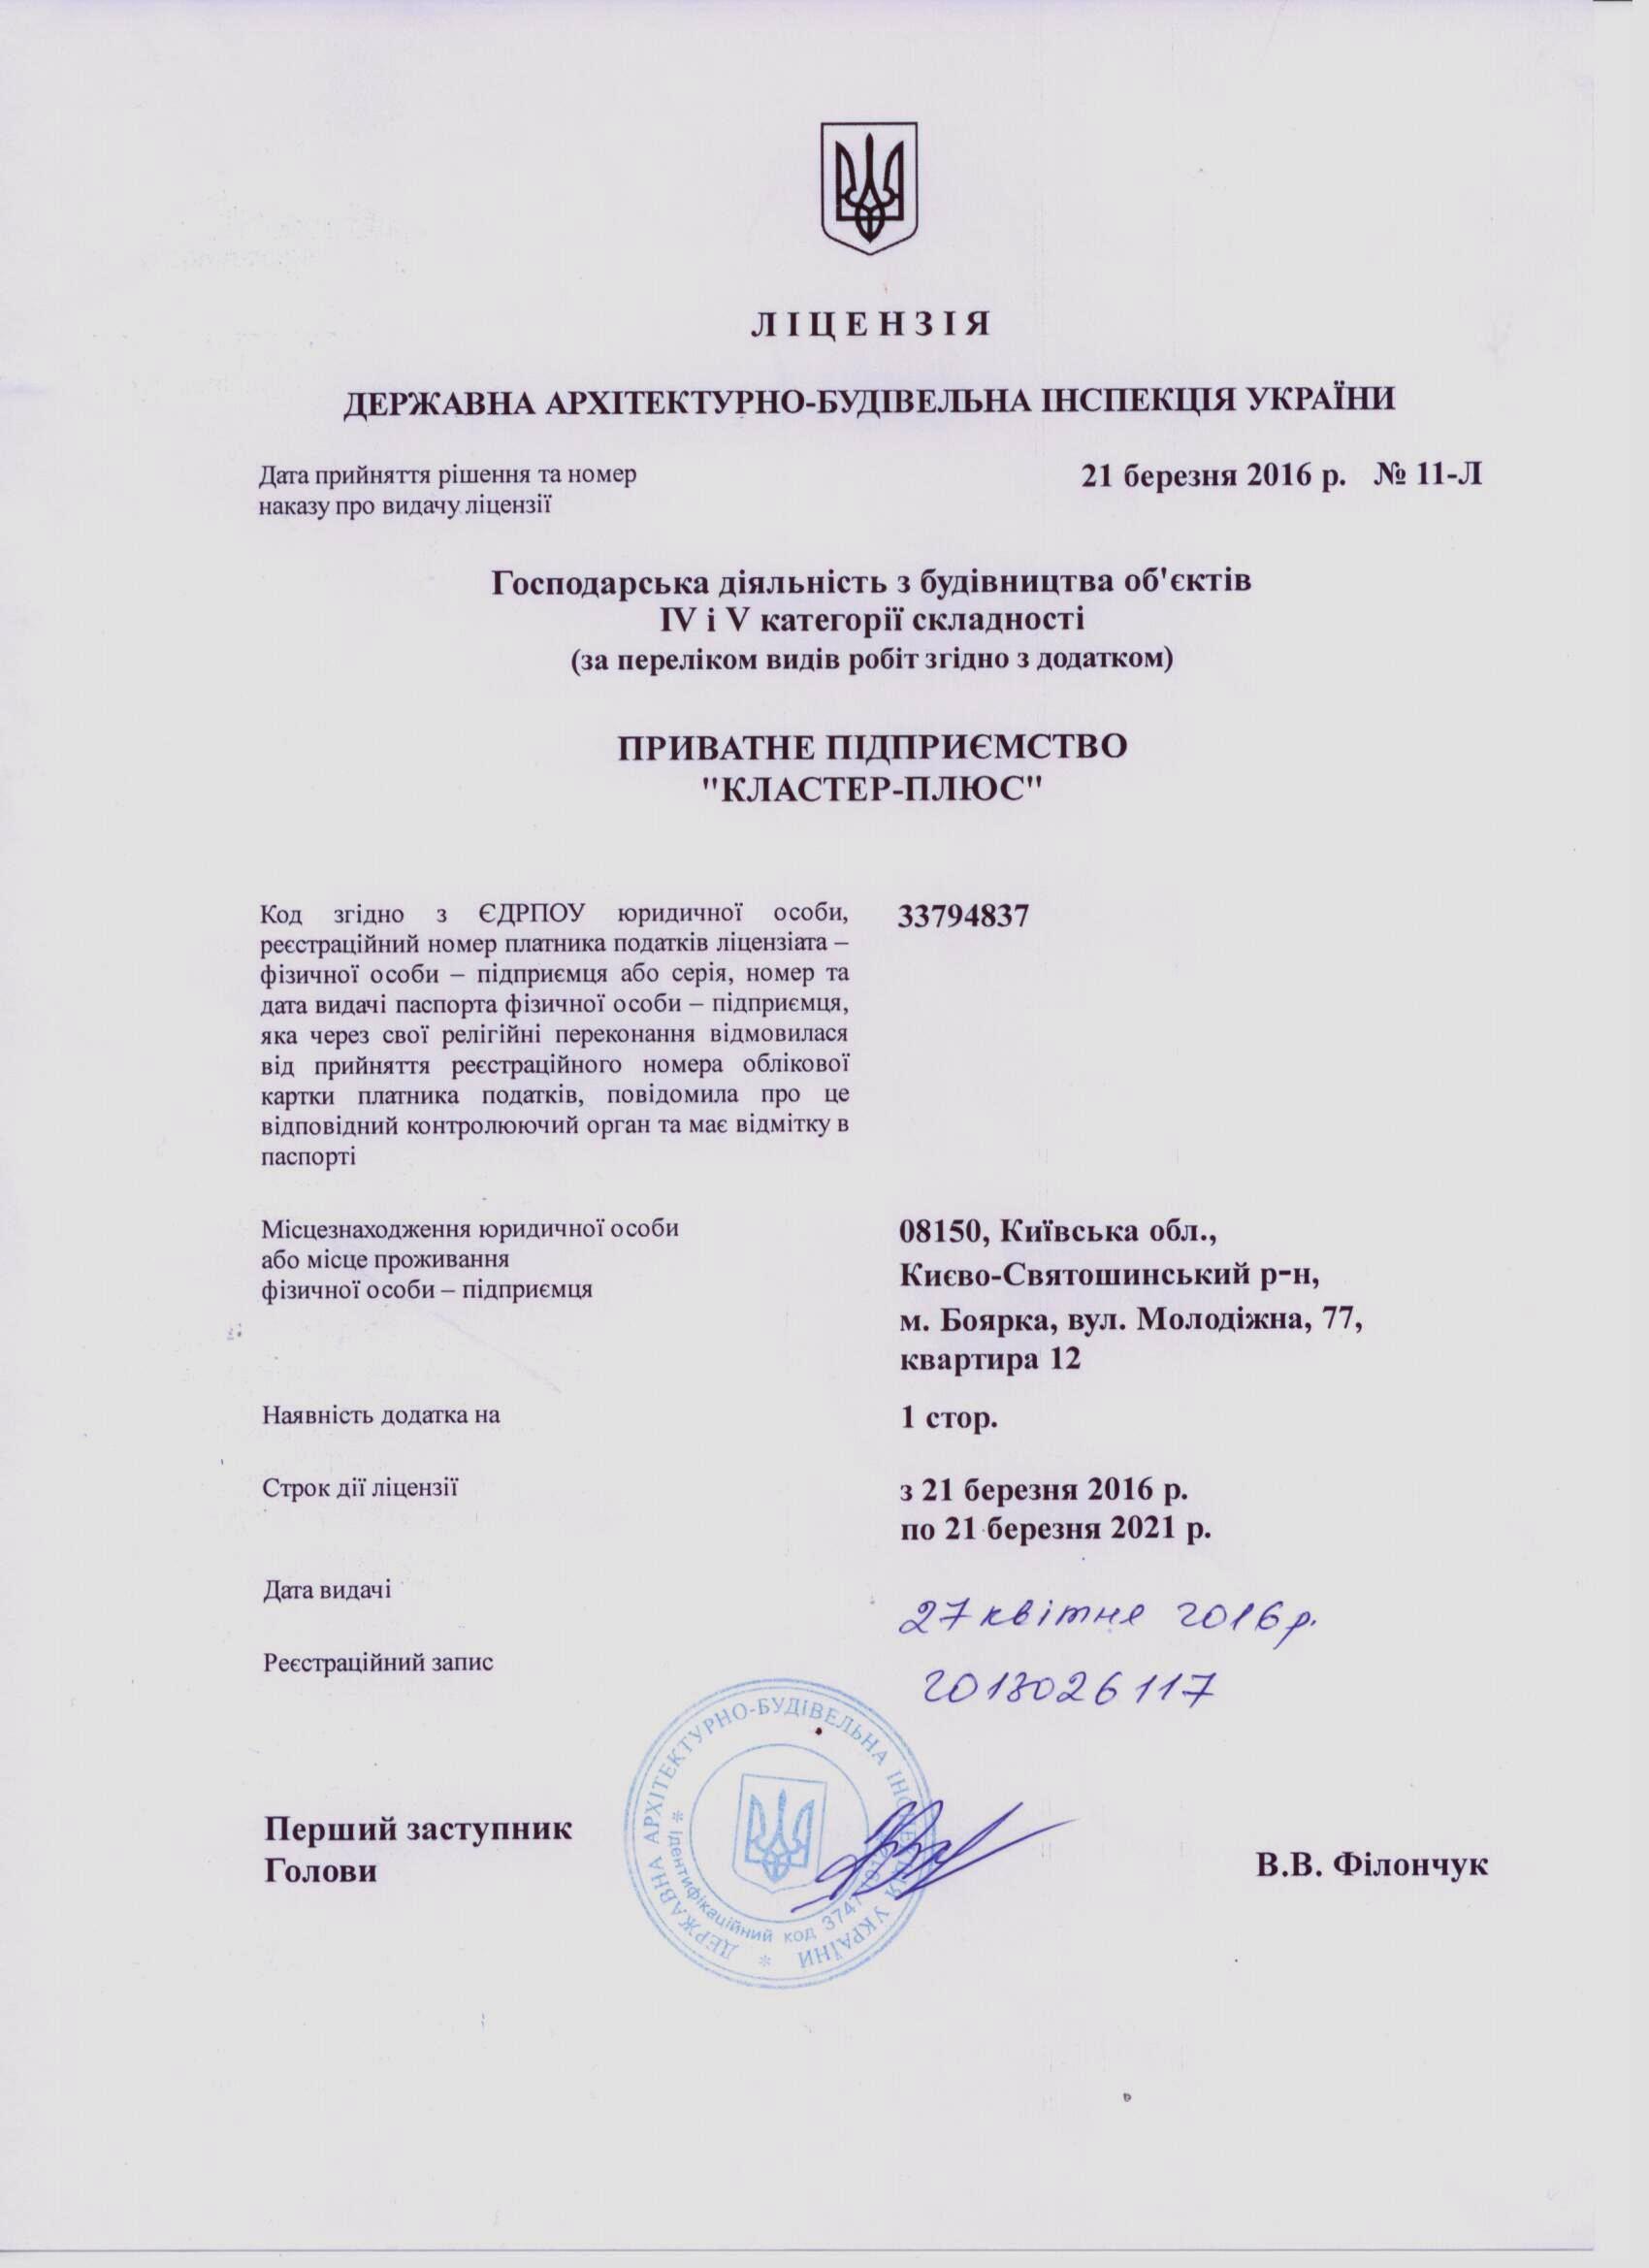 Ліцензія №2013026117 від 27 березня 2016 р.